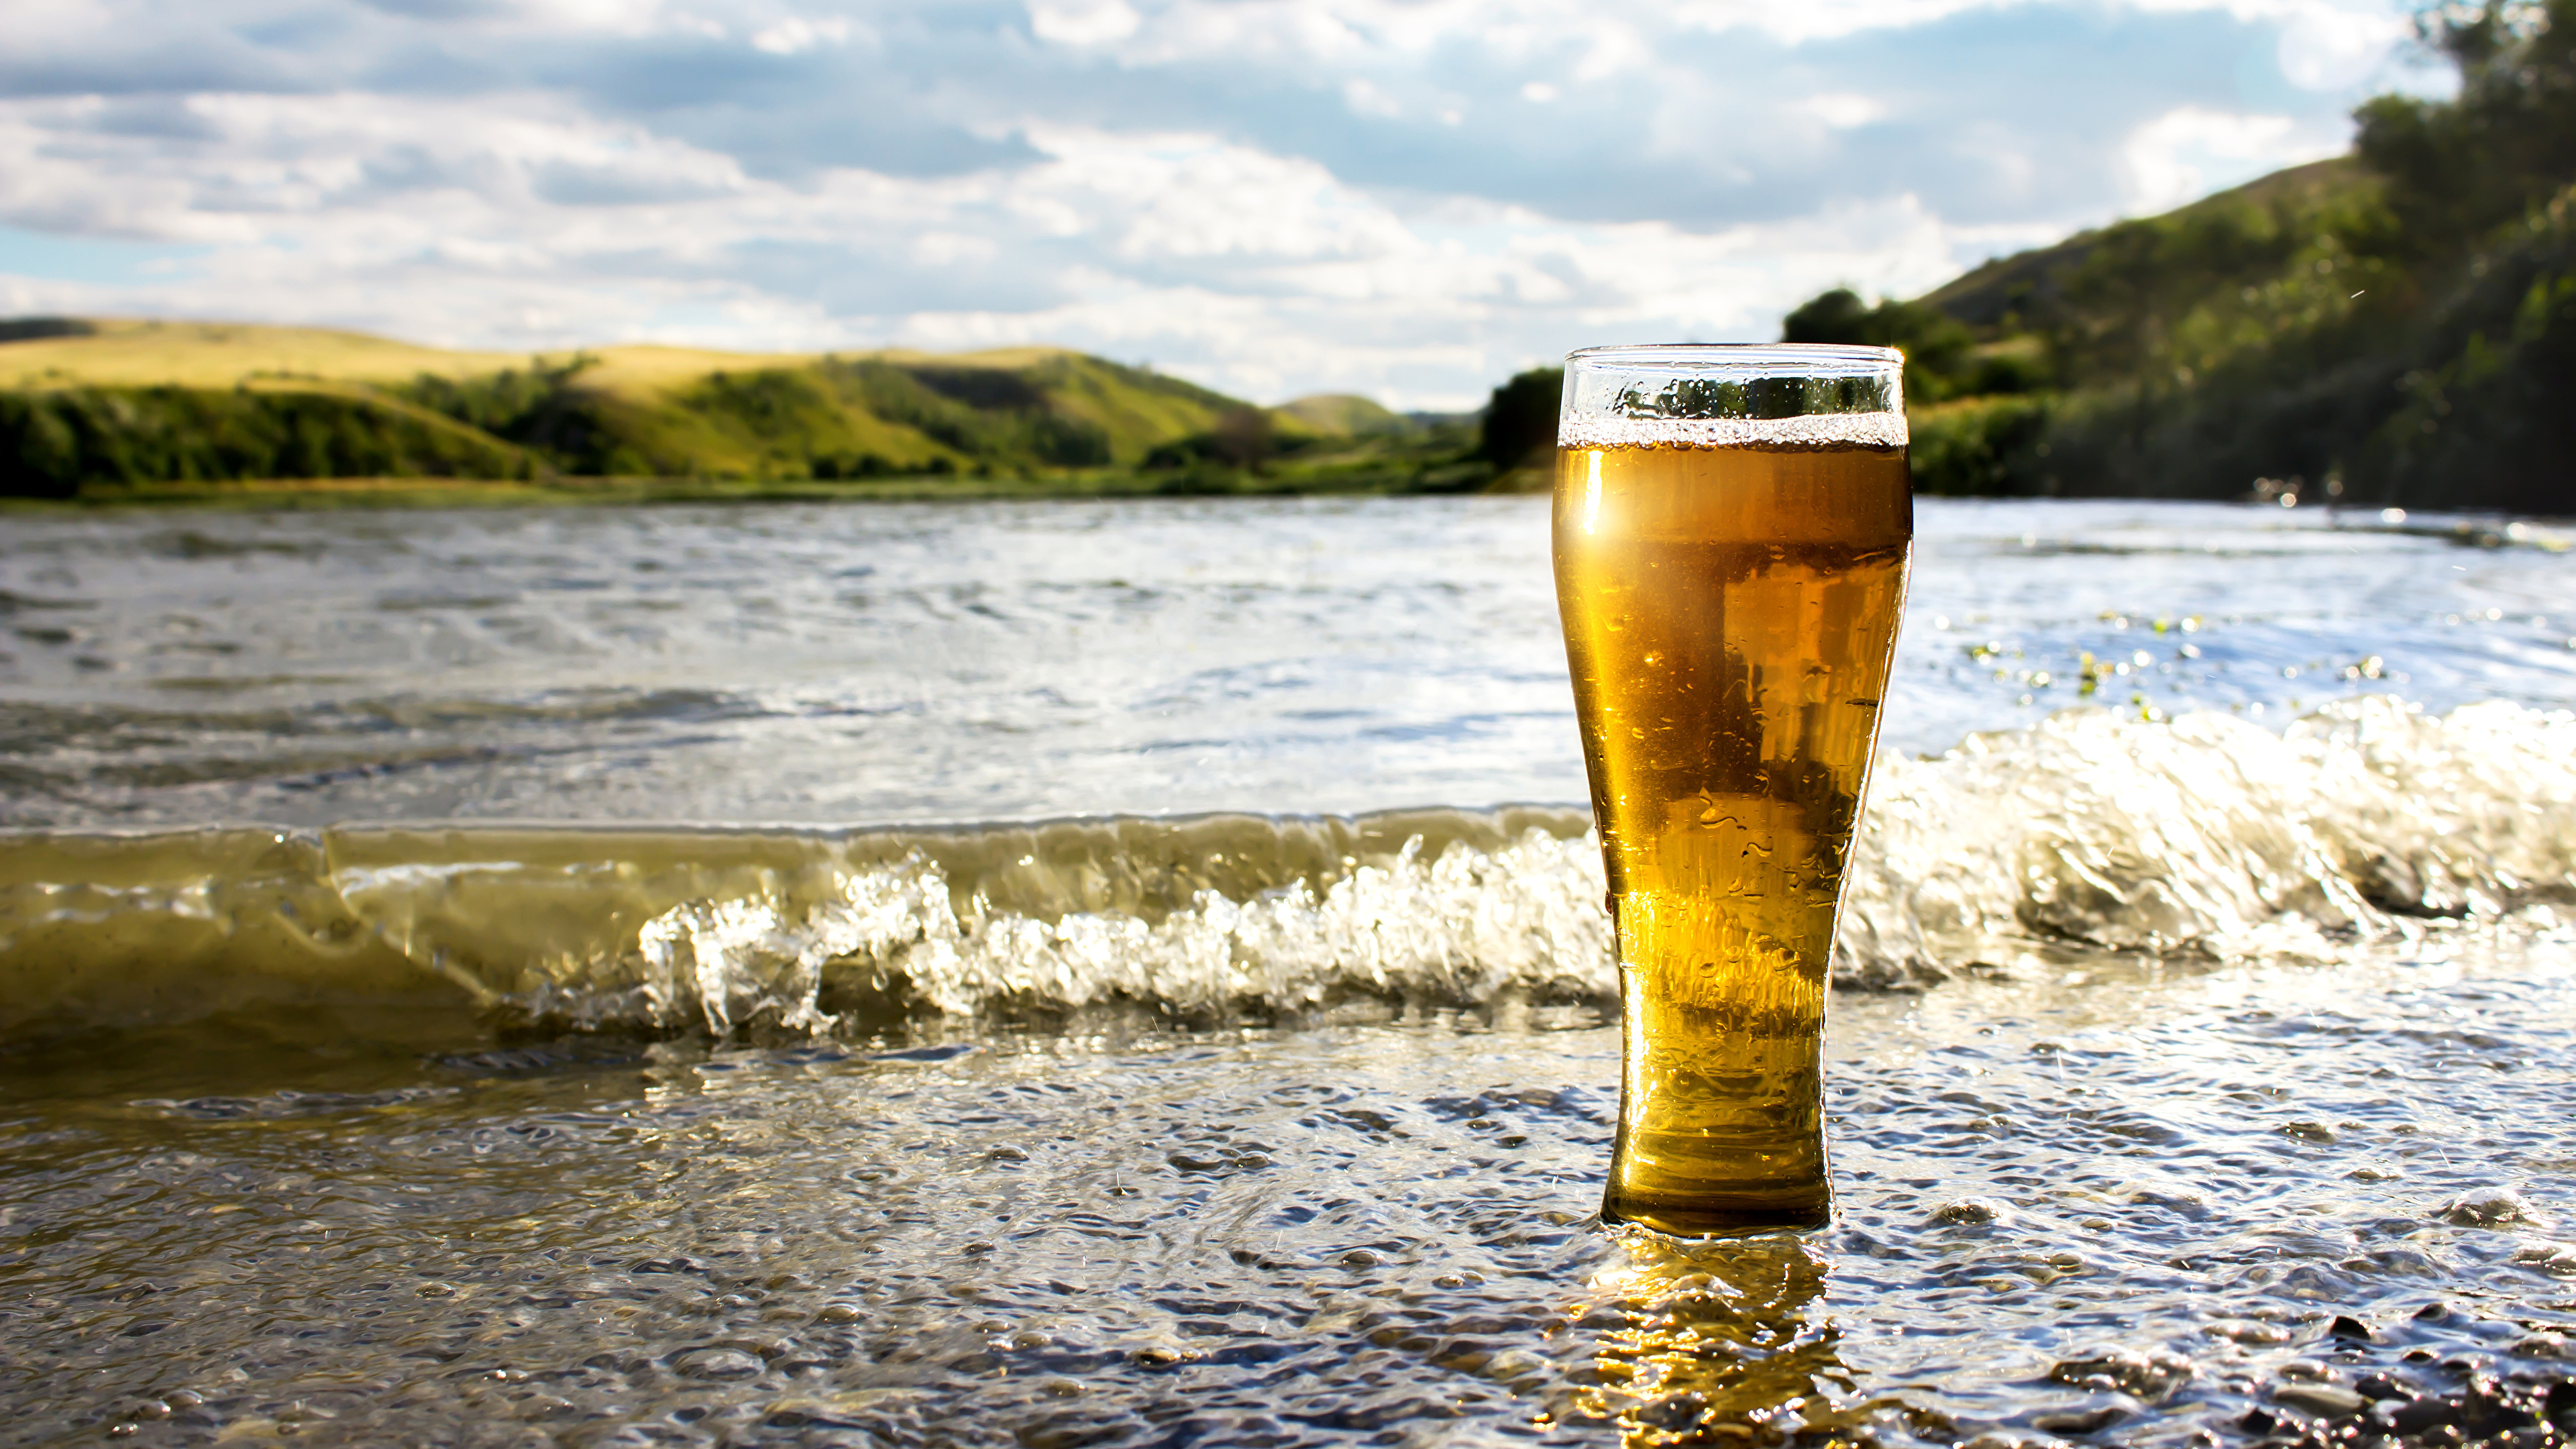 Картинки Пиво Волны стакана Побережье Продукты питания 3840x2160 Стакан стакане Еда Пища берег